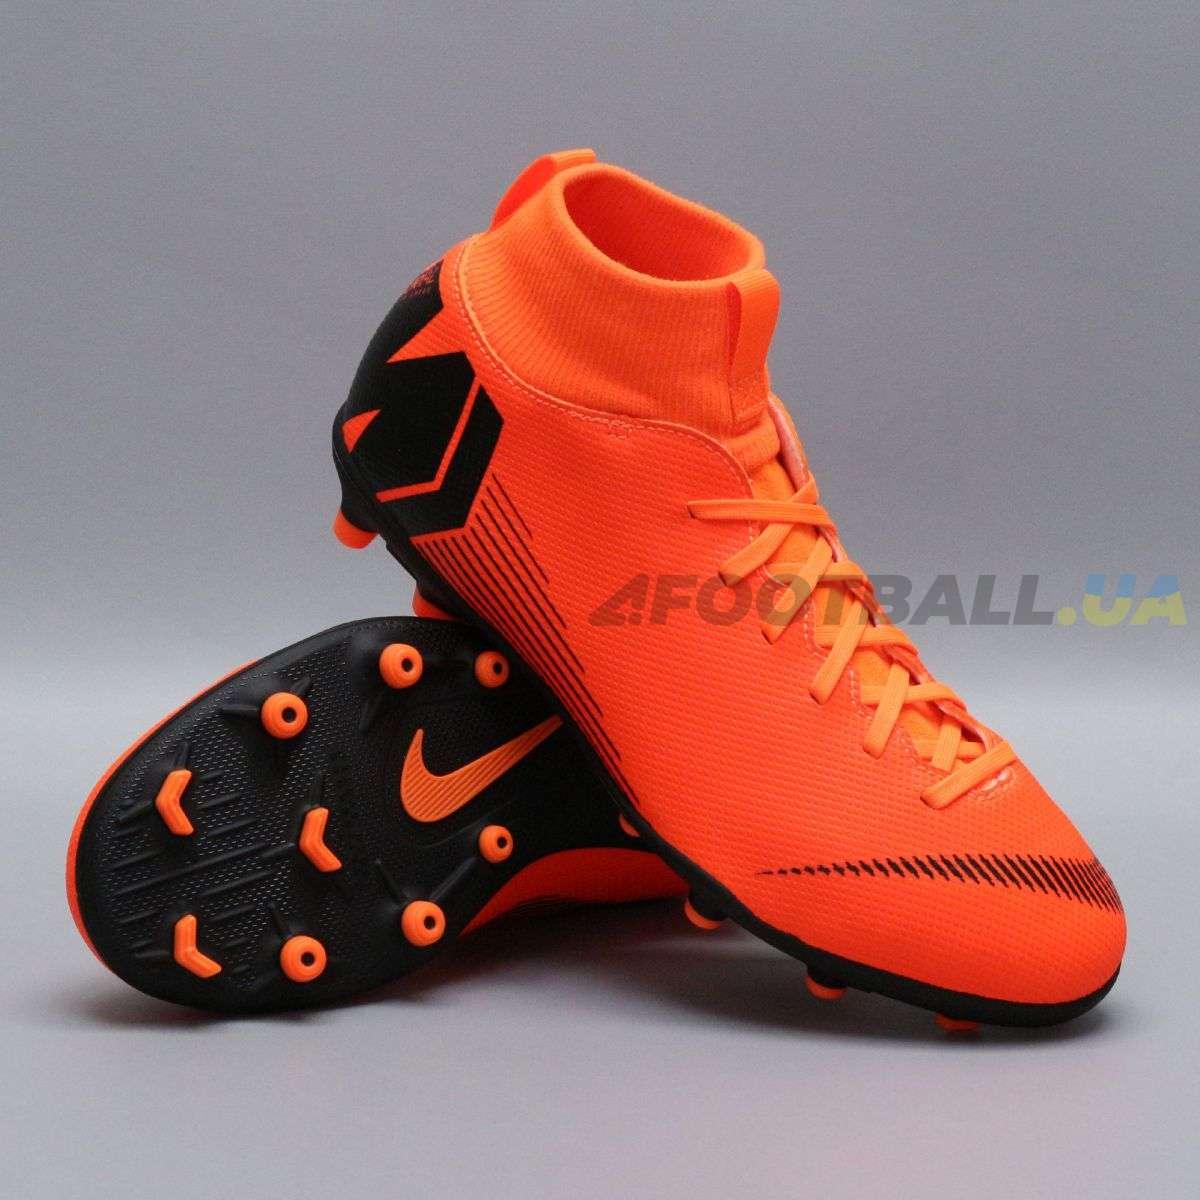 Детские бутсы — купить спортивную обувь для детей в интернет ... beb291d41a7